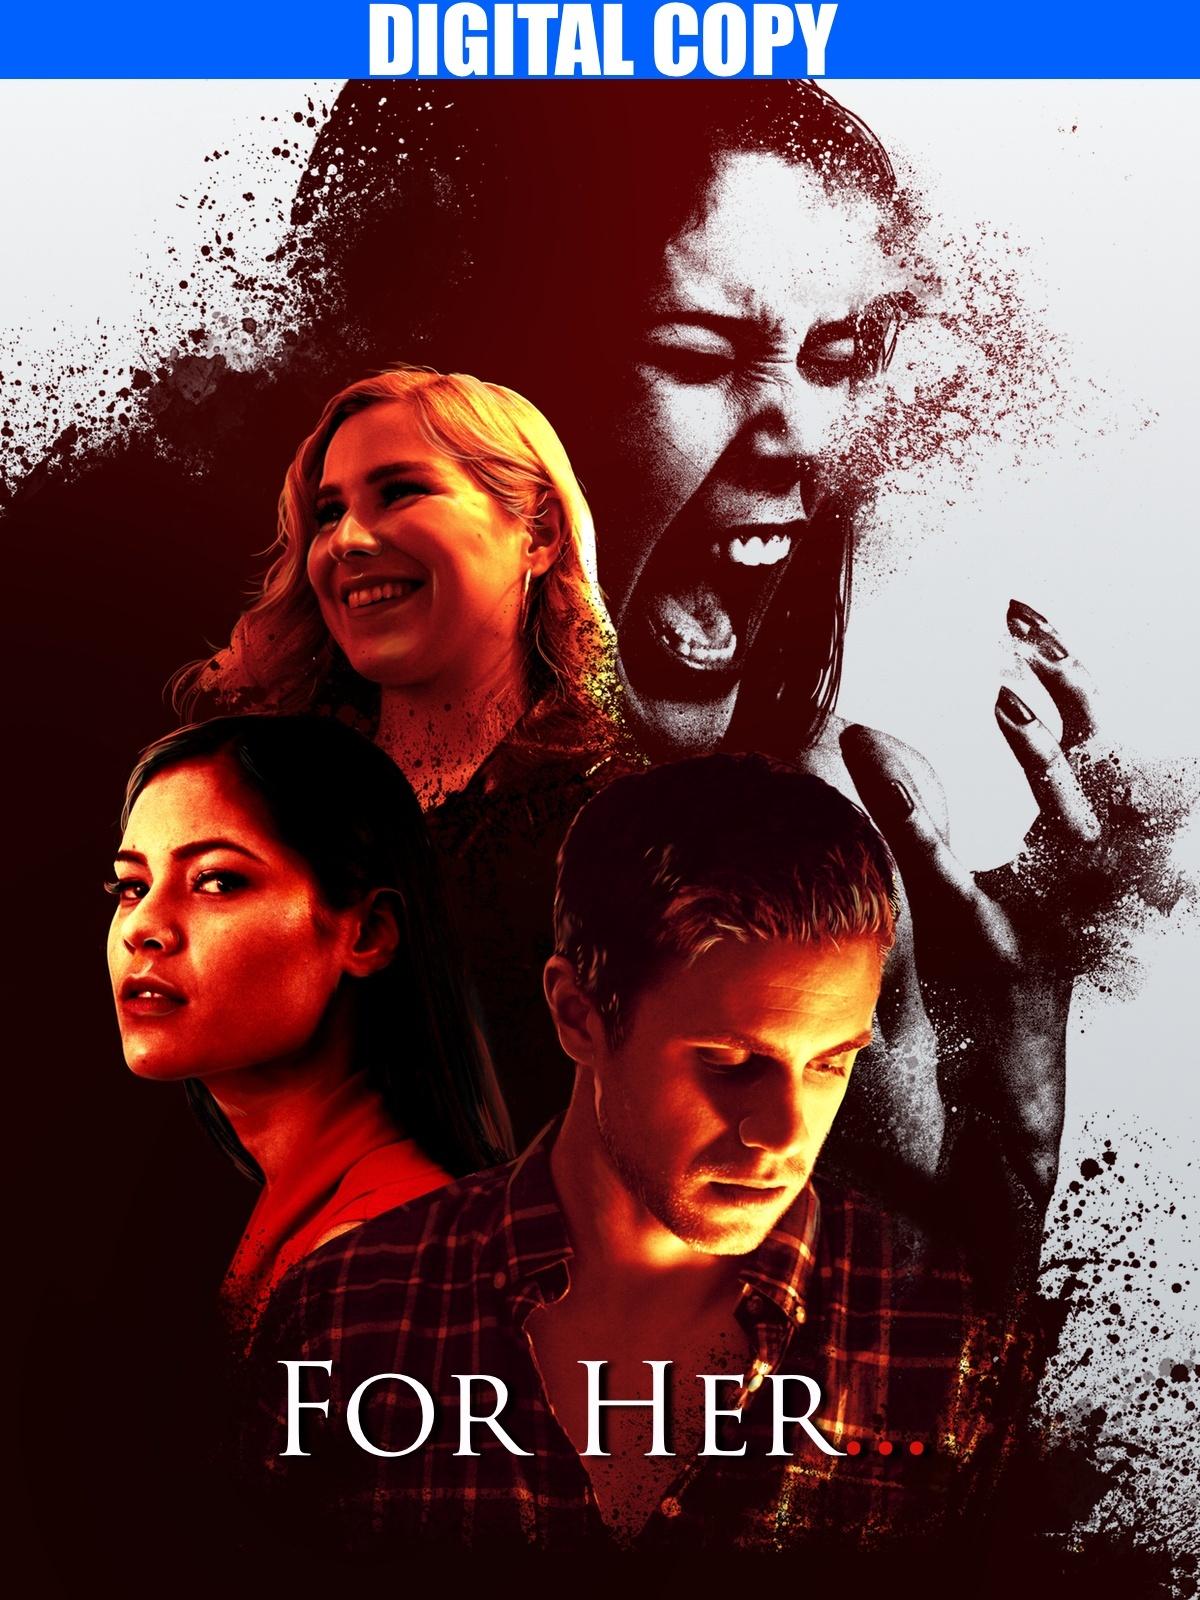 """""""For Her..."""" Short Horror/Drama """"DIGITAL COPY 1080p W/EXTRAS"""""""